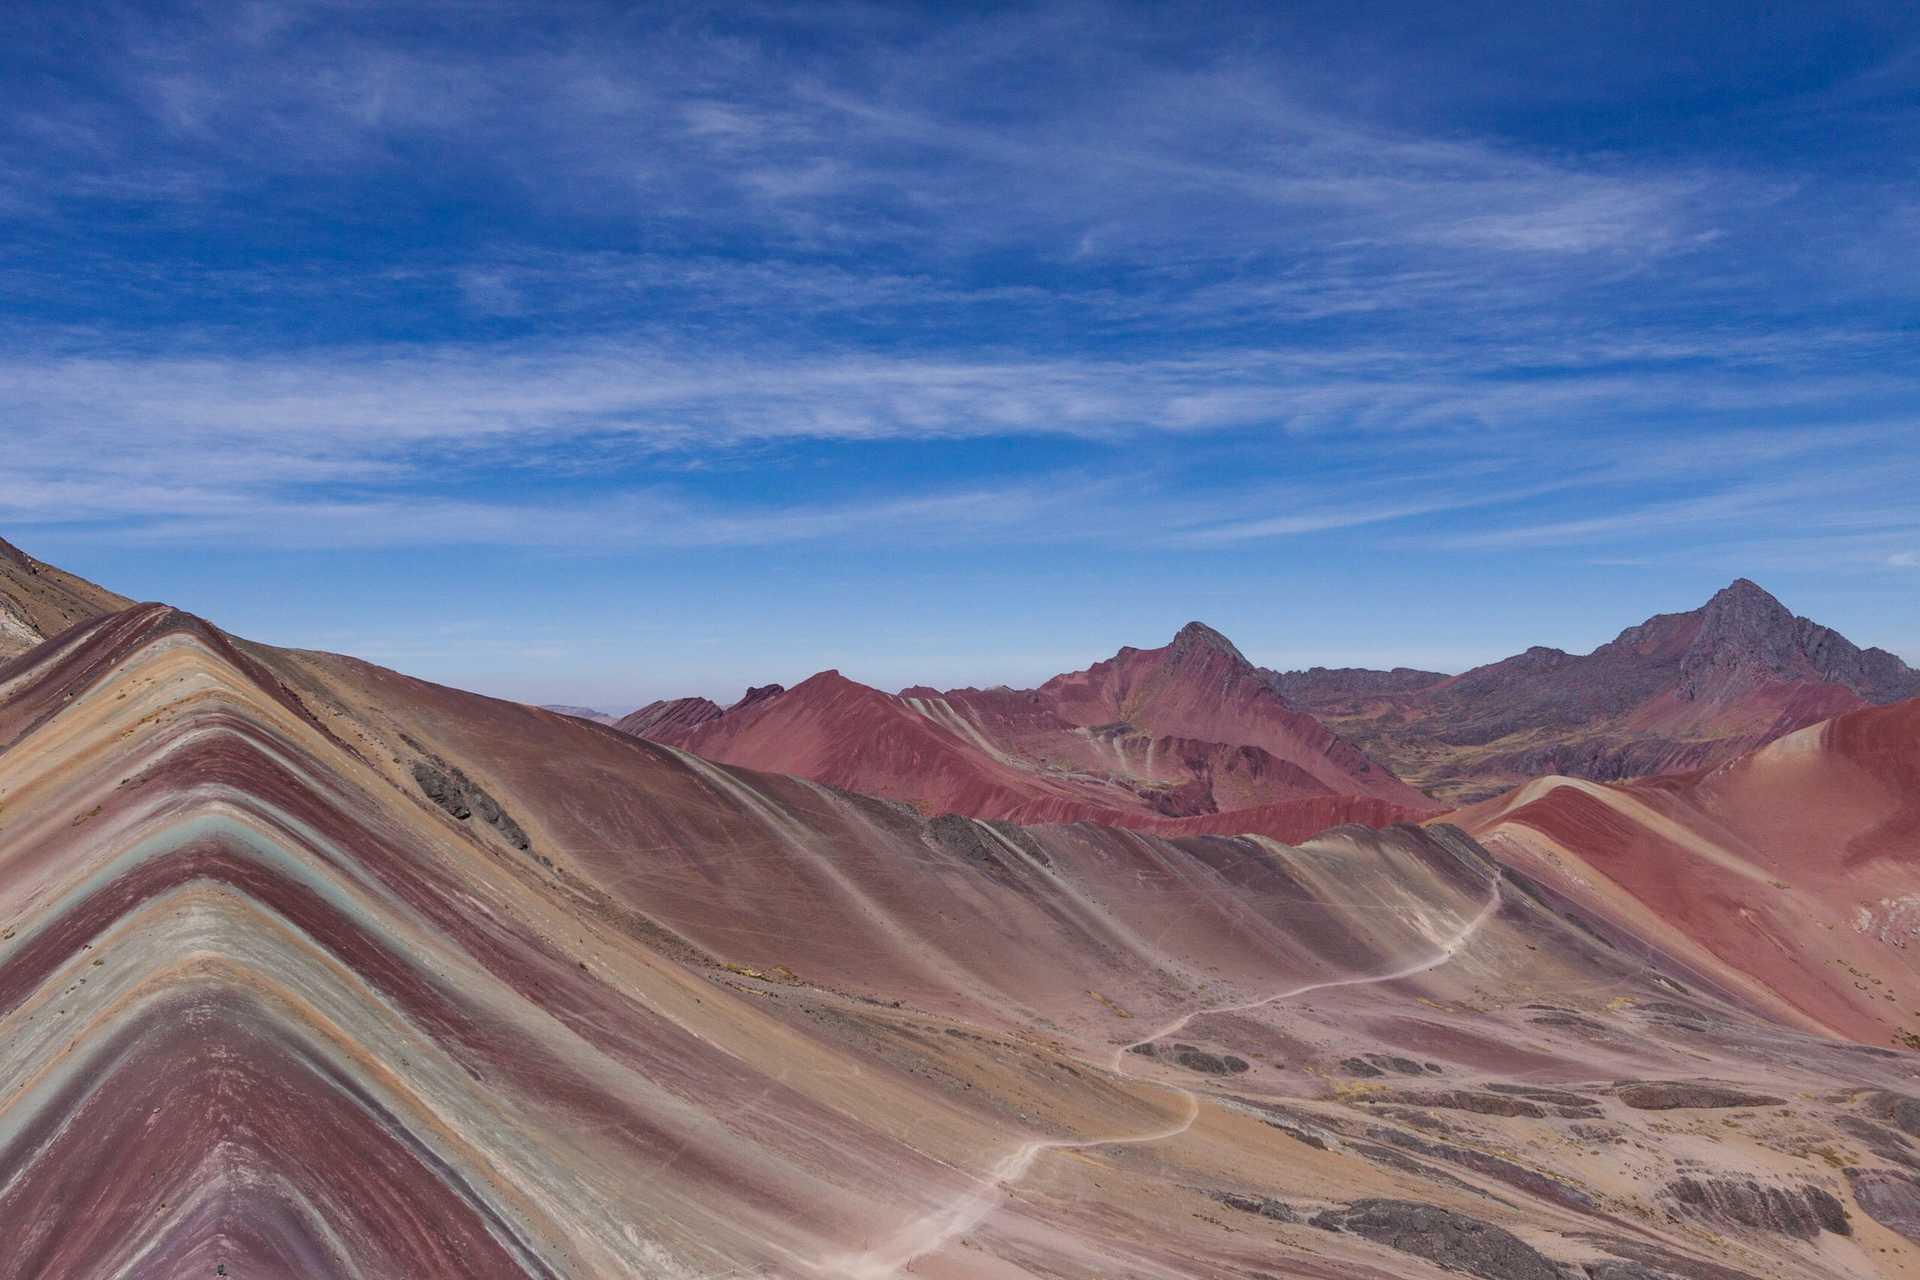 Vinicuna Rainbow Mountain